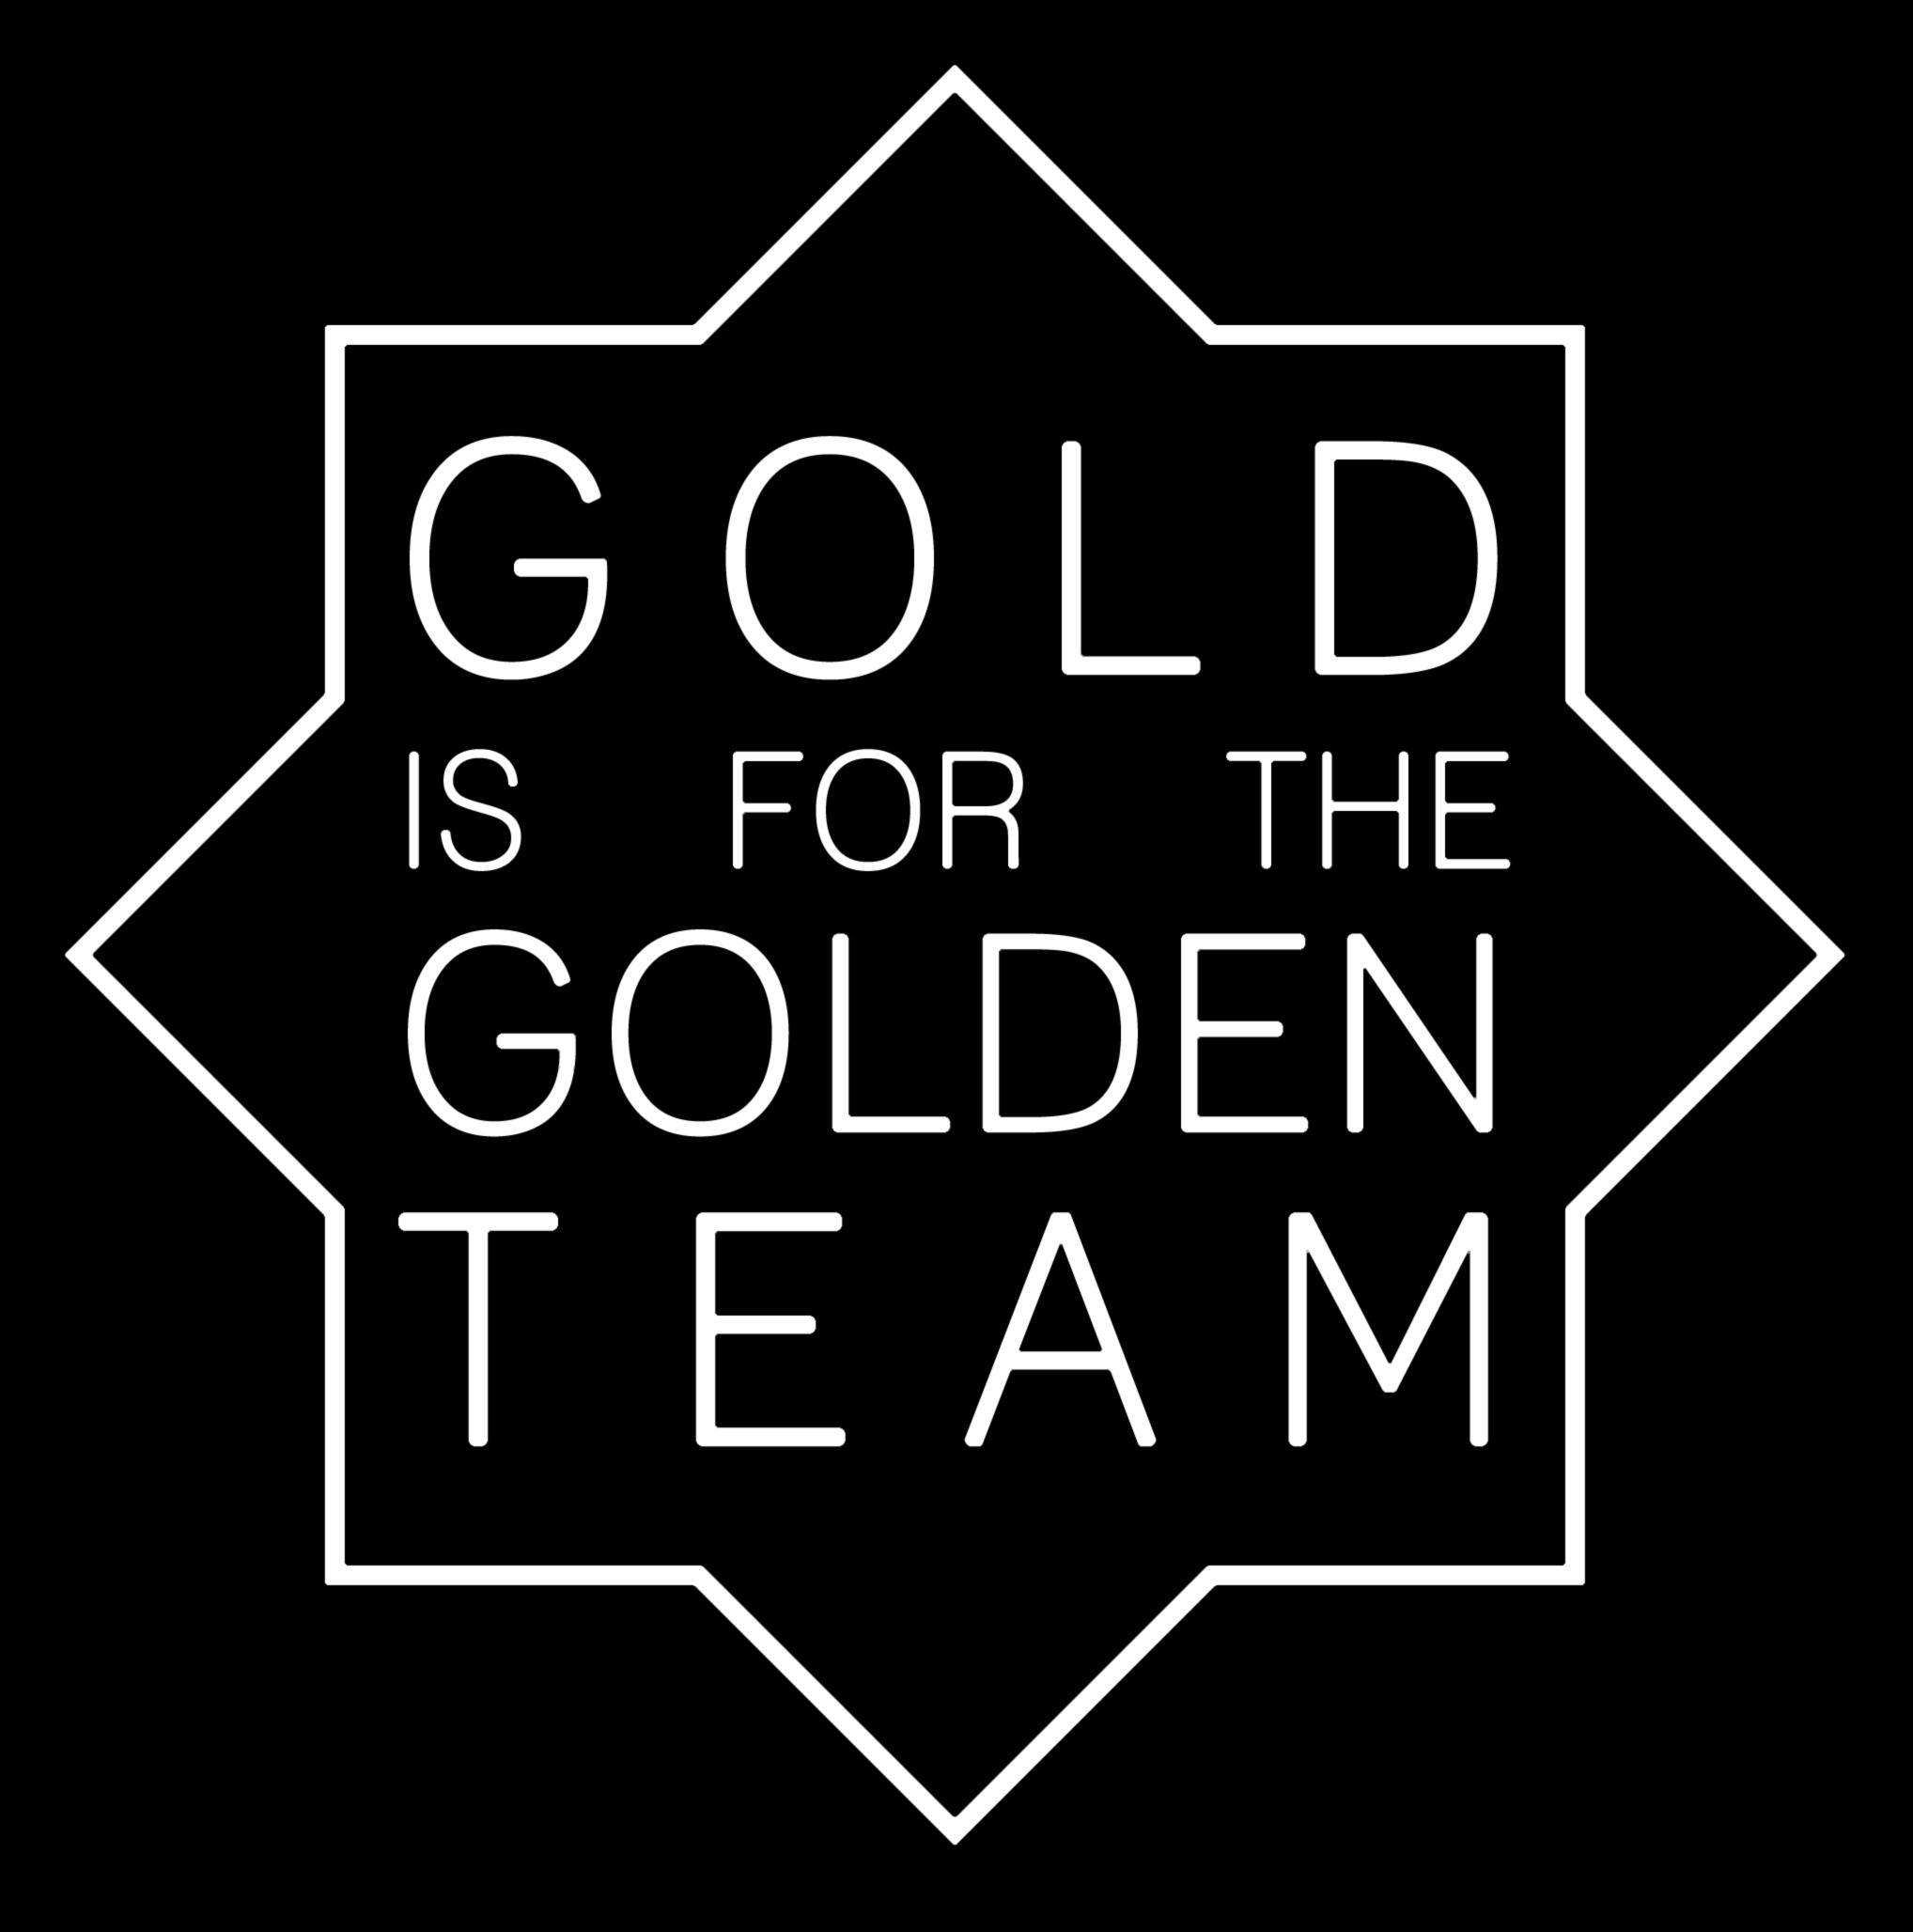 Golden team logo black